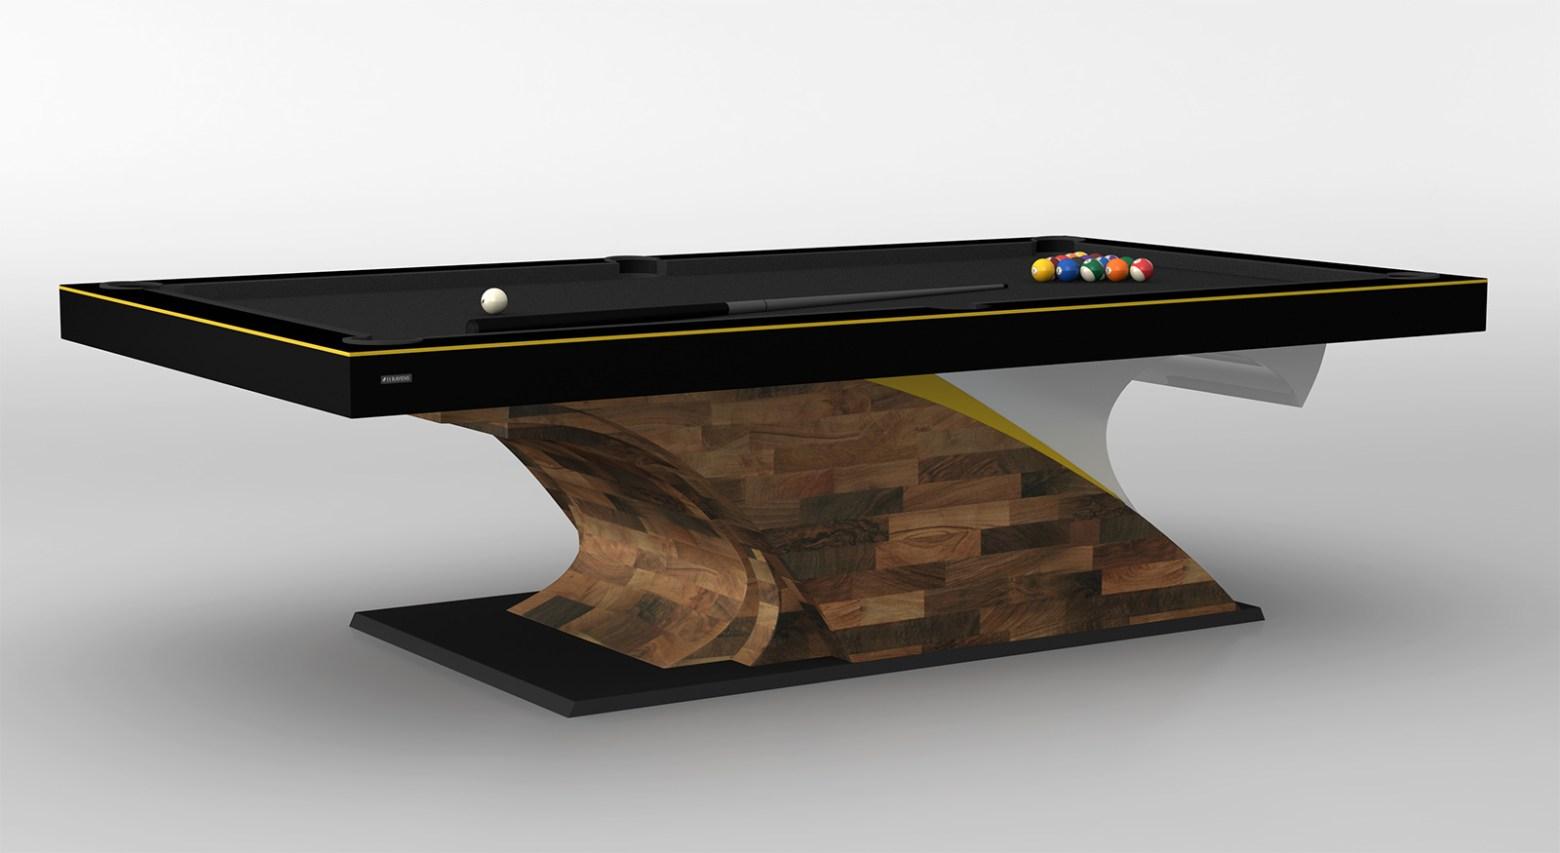 Poseidon Billiards Table